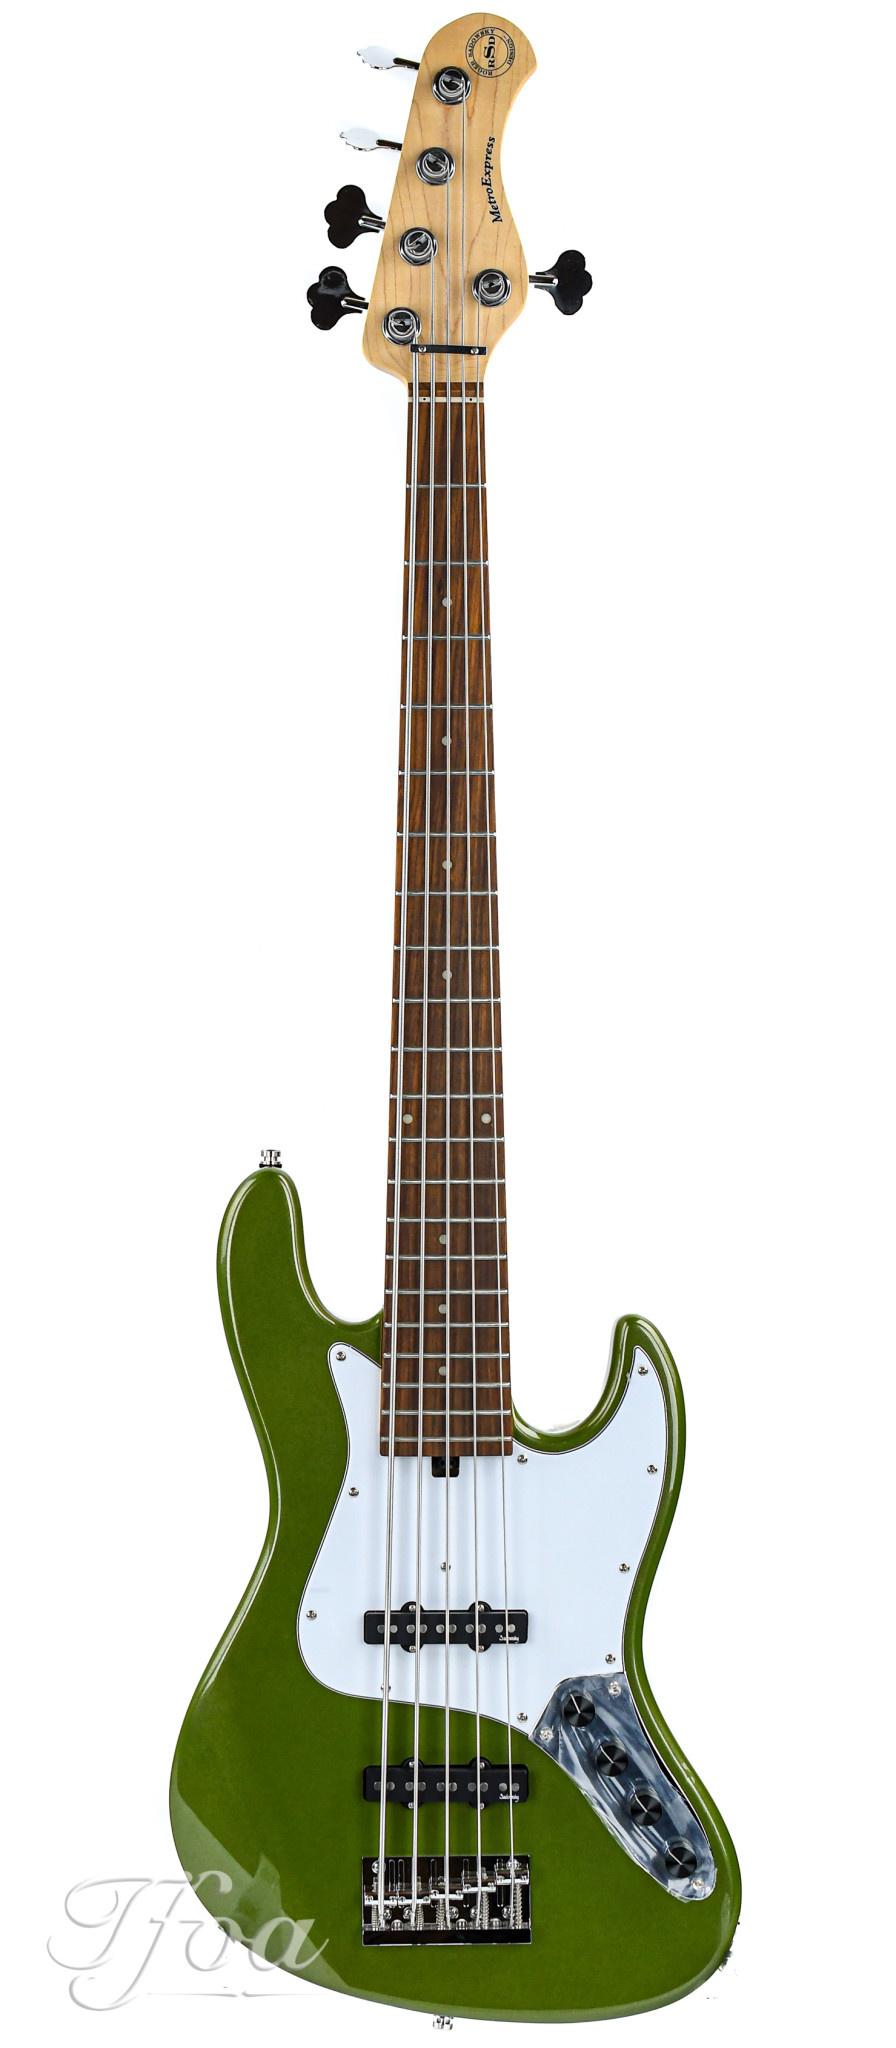 Sadowsky MetroExpress Vintage J/J Bass 5 String Morado Solid Sage Green Metallic